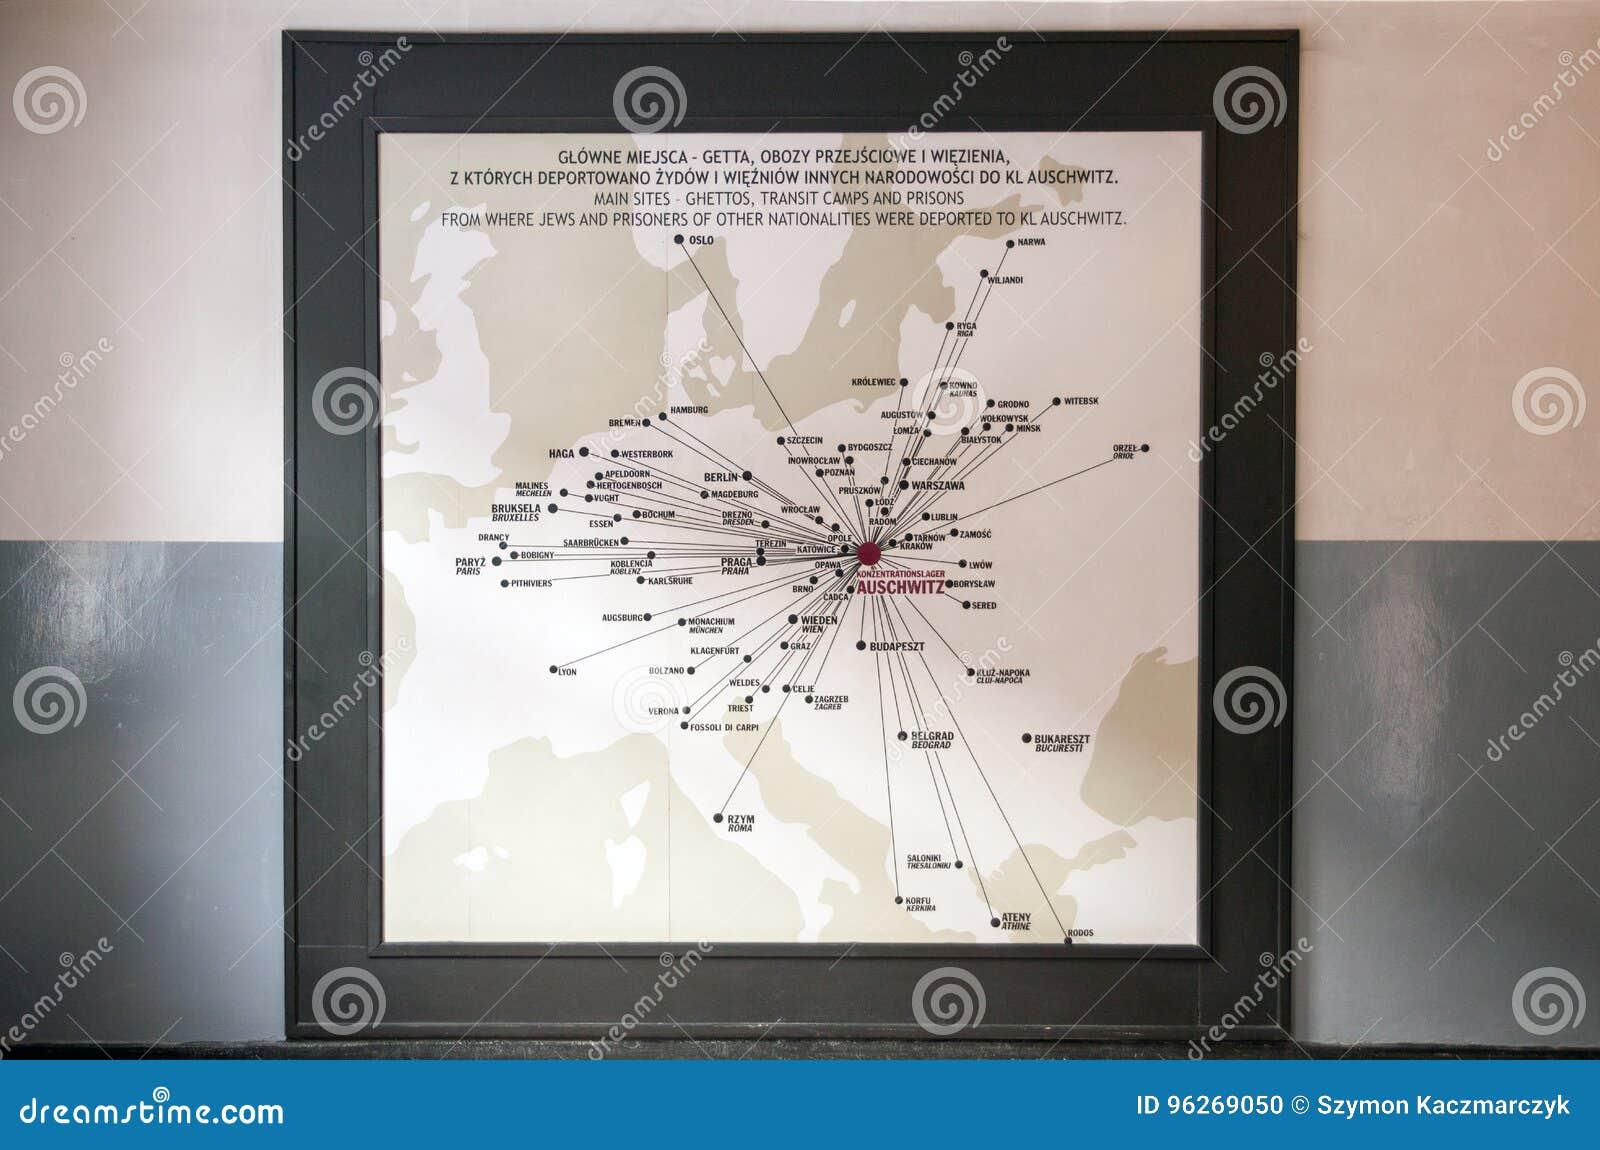 Auschwitz Karte.Museum Auschwitz Karte Auf Wand Redaktionelles Bild Bild Von